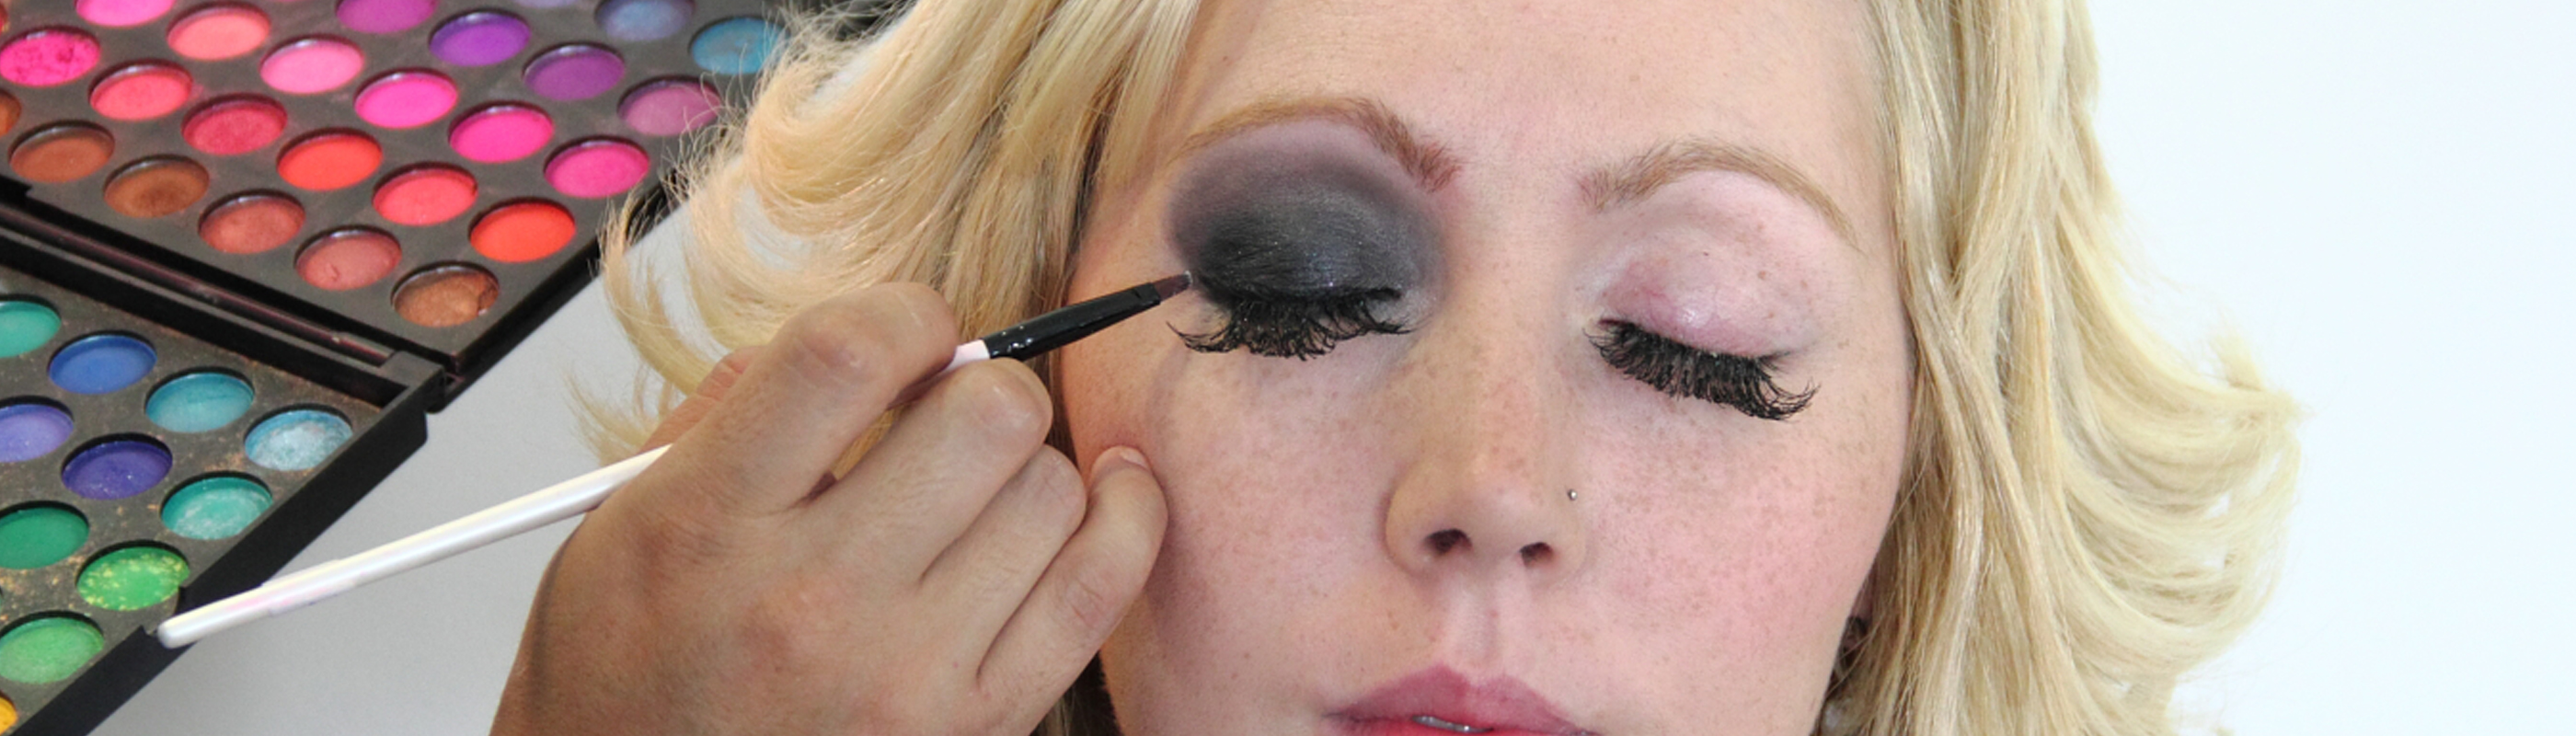 Curso Maquillador profesional